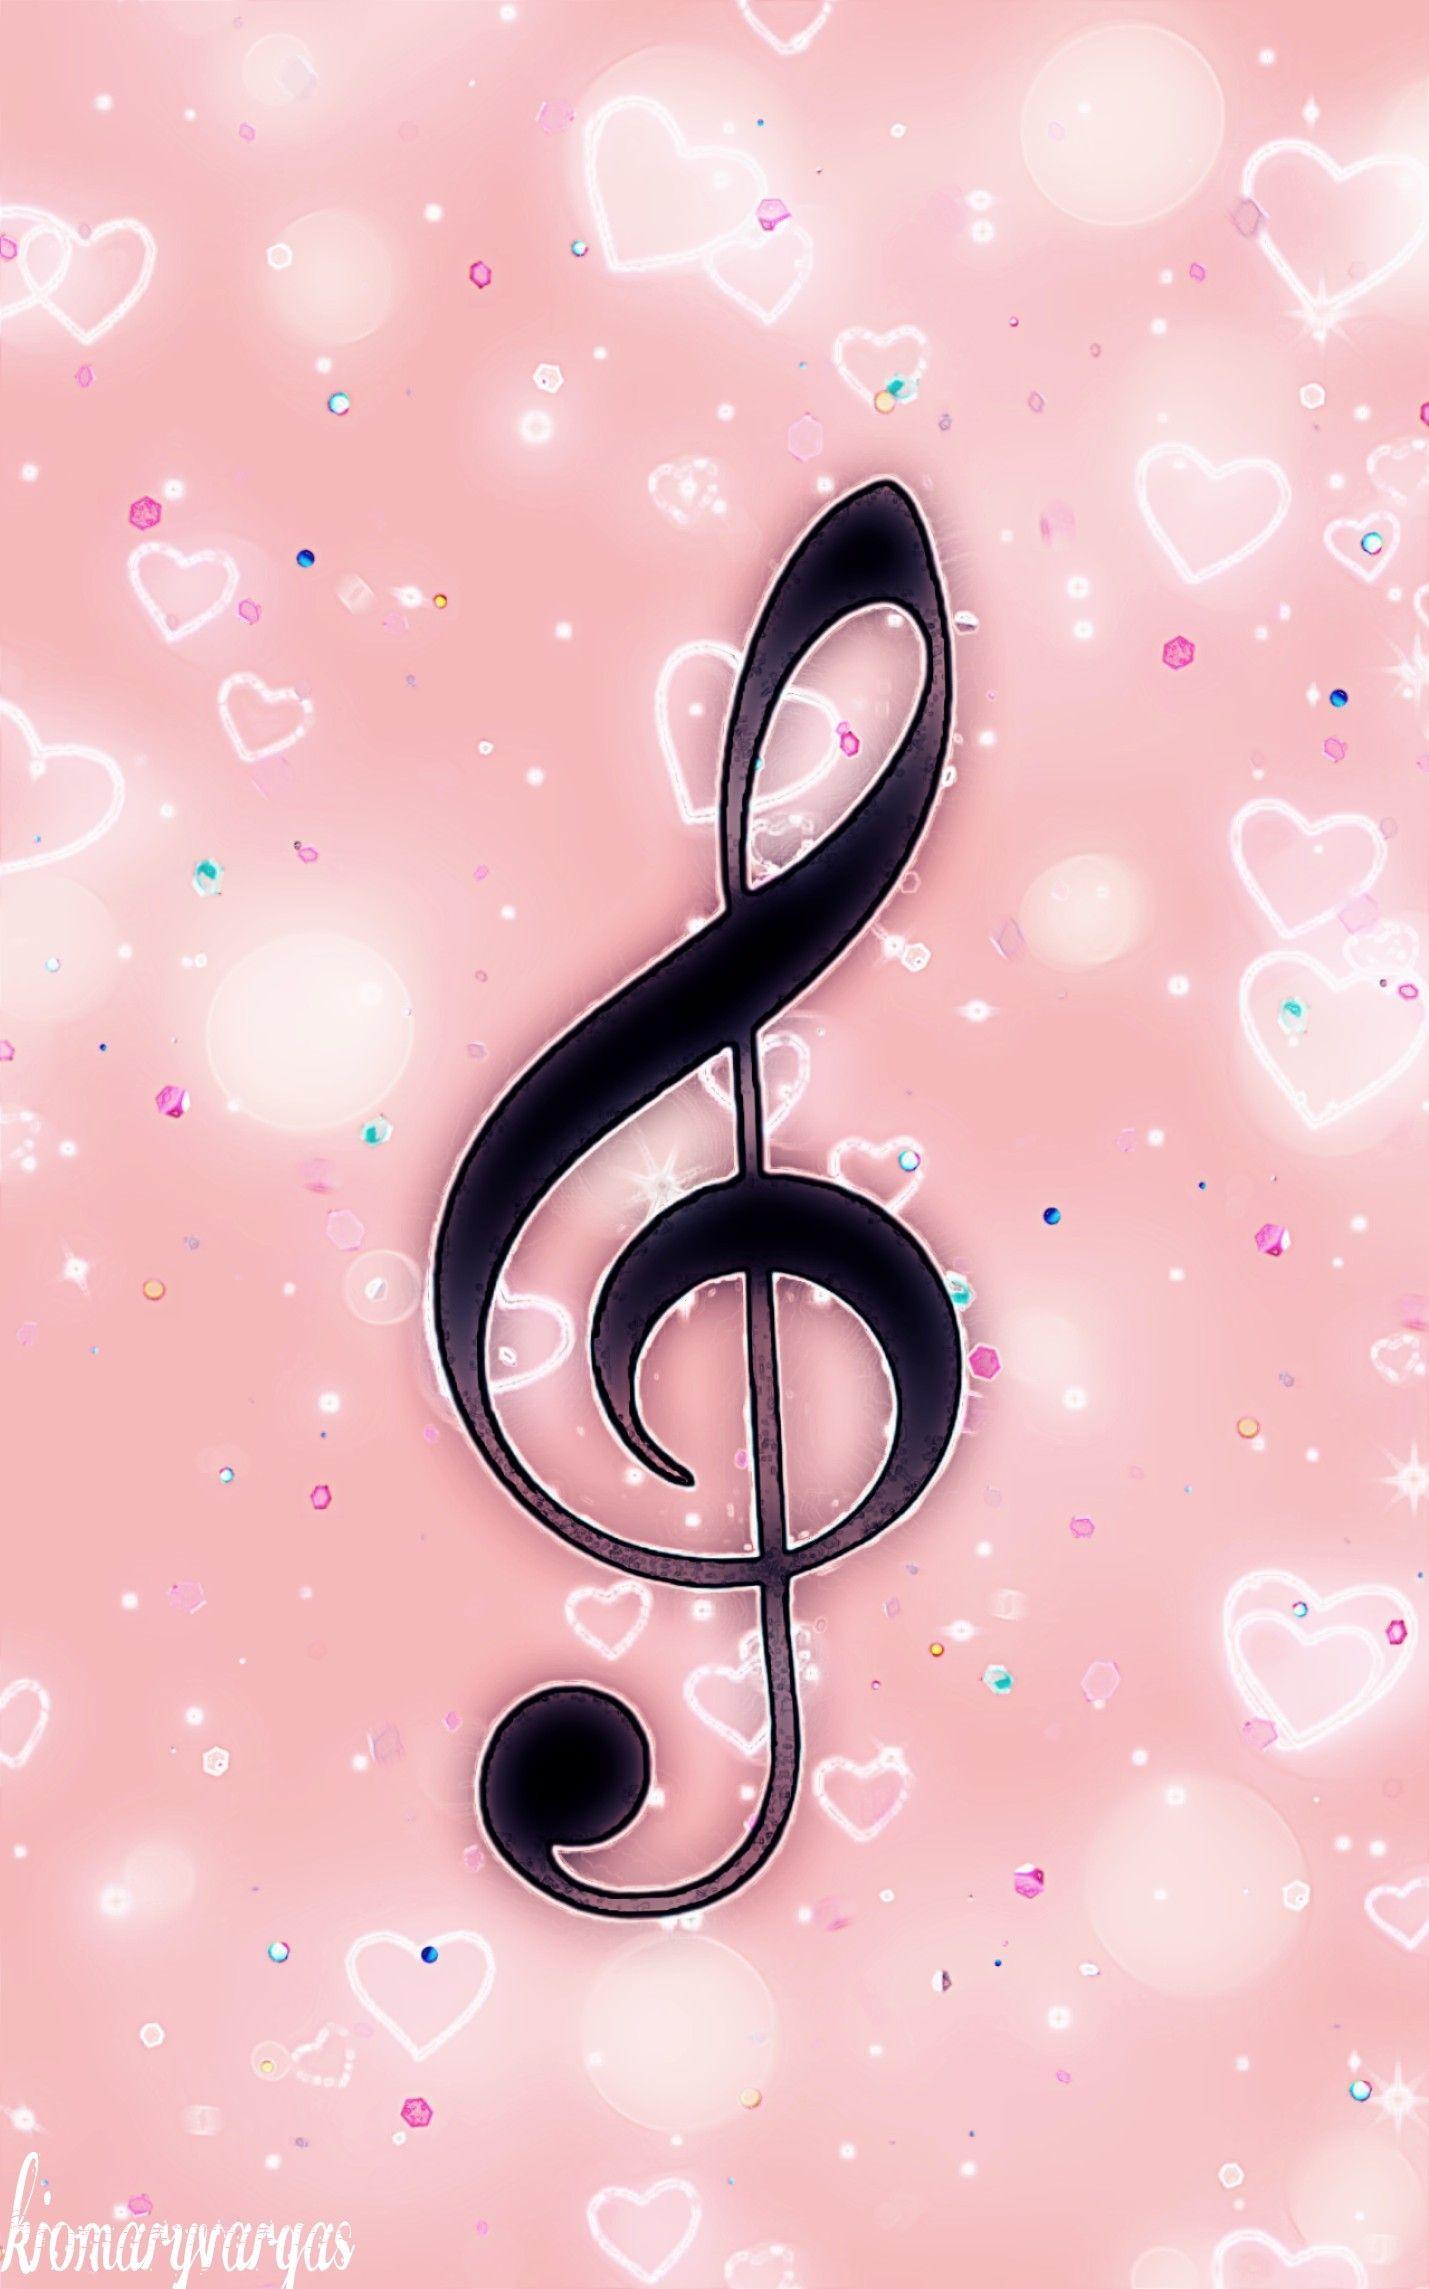 Fondos de pantalla notas musicales